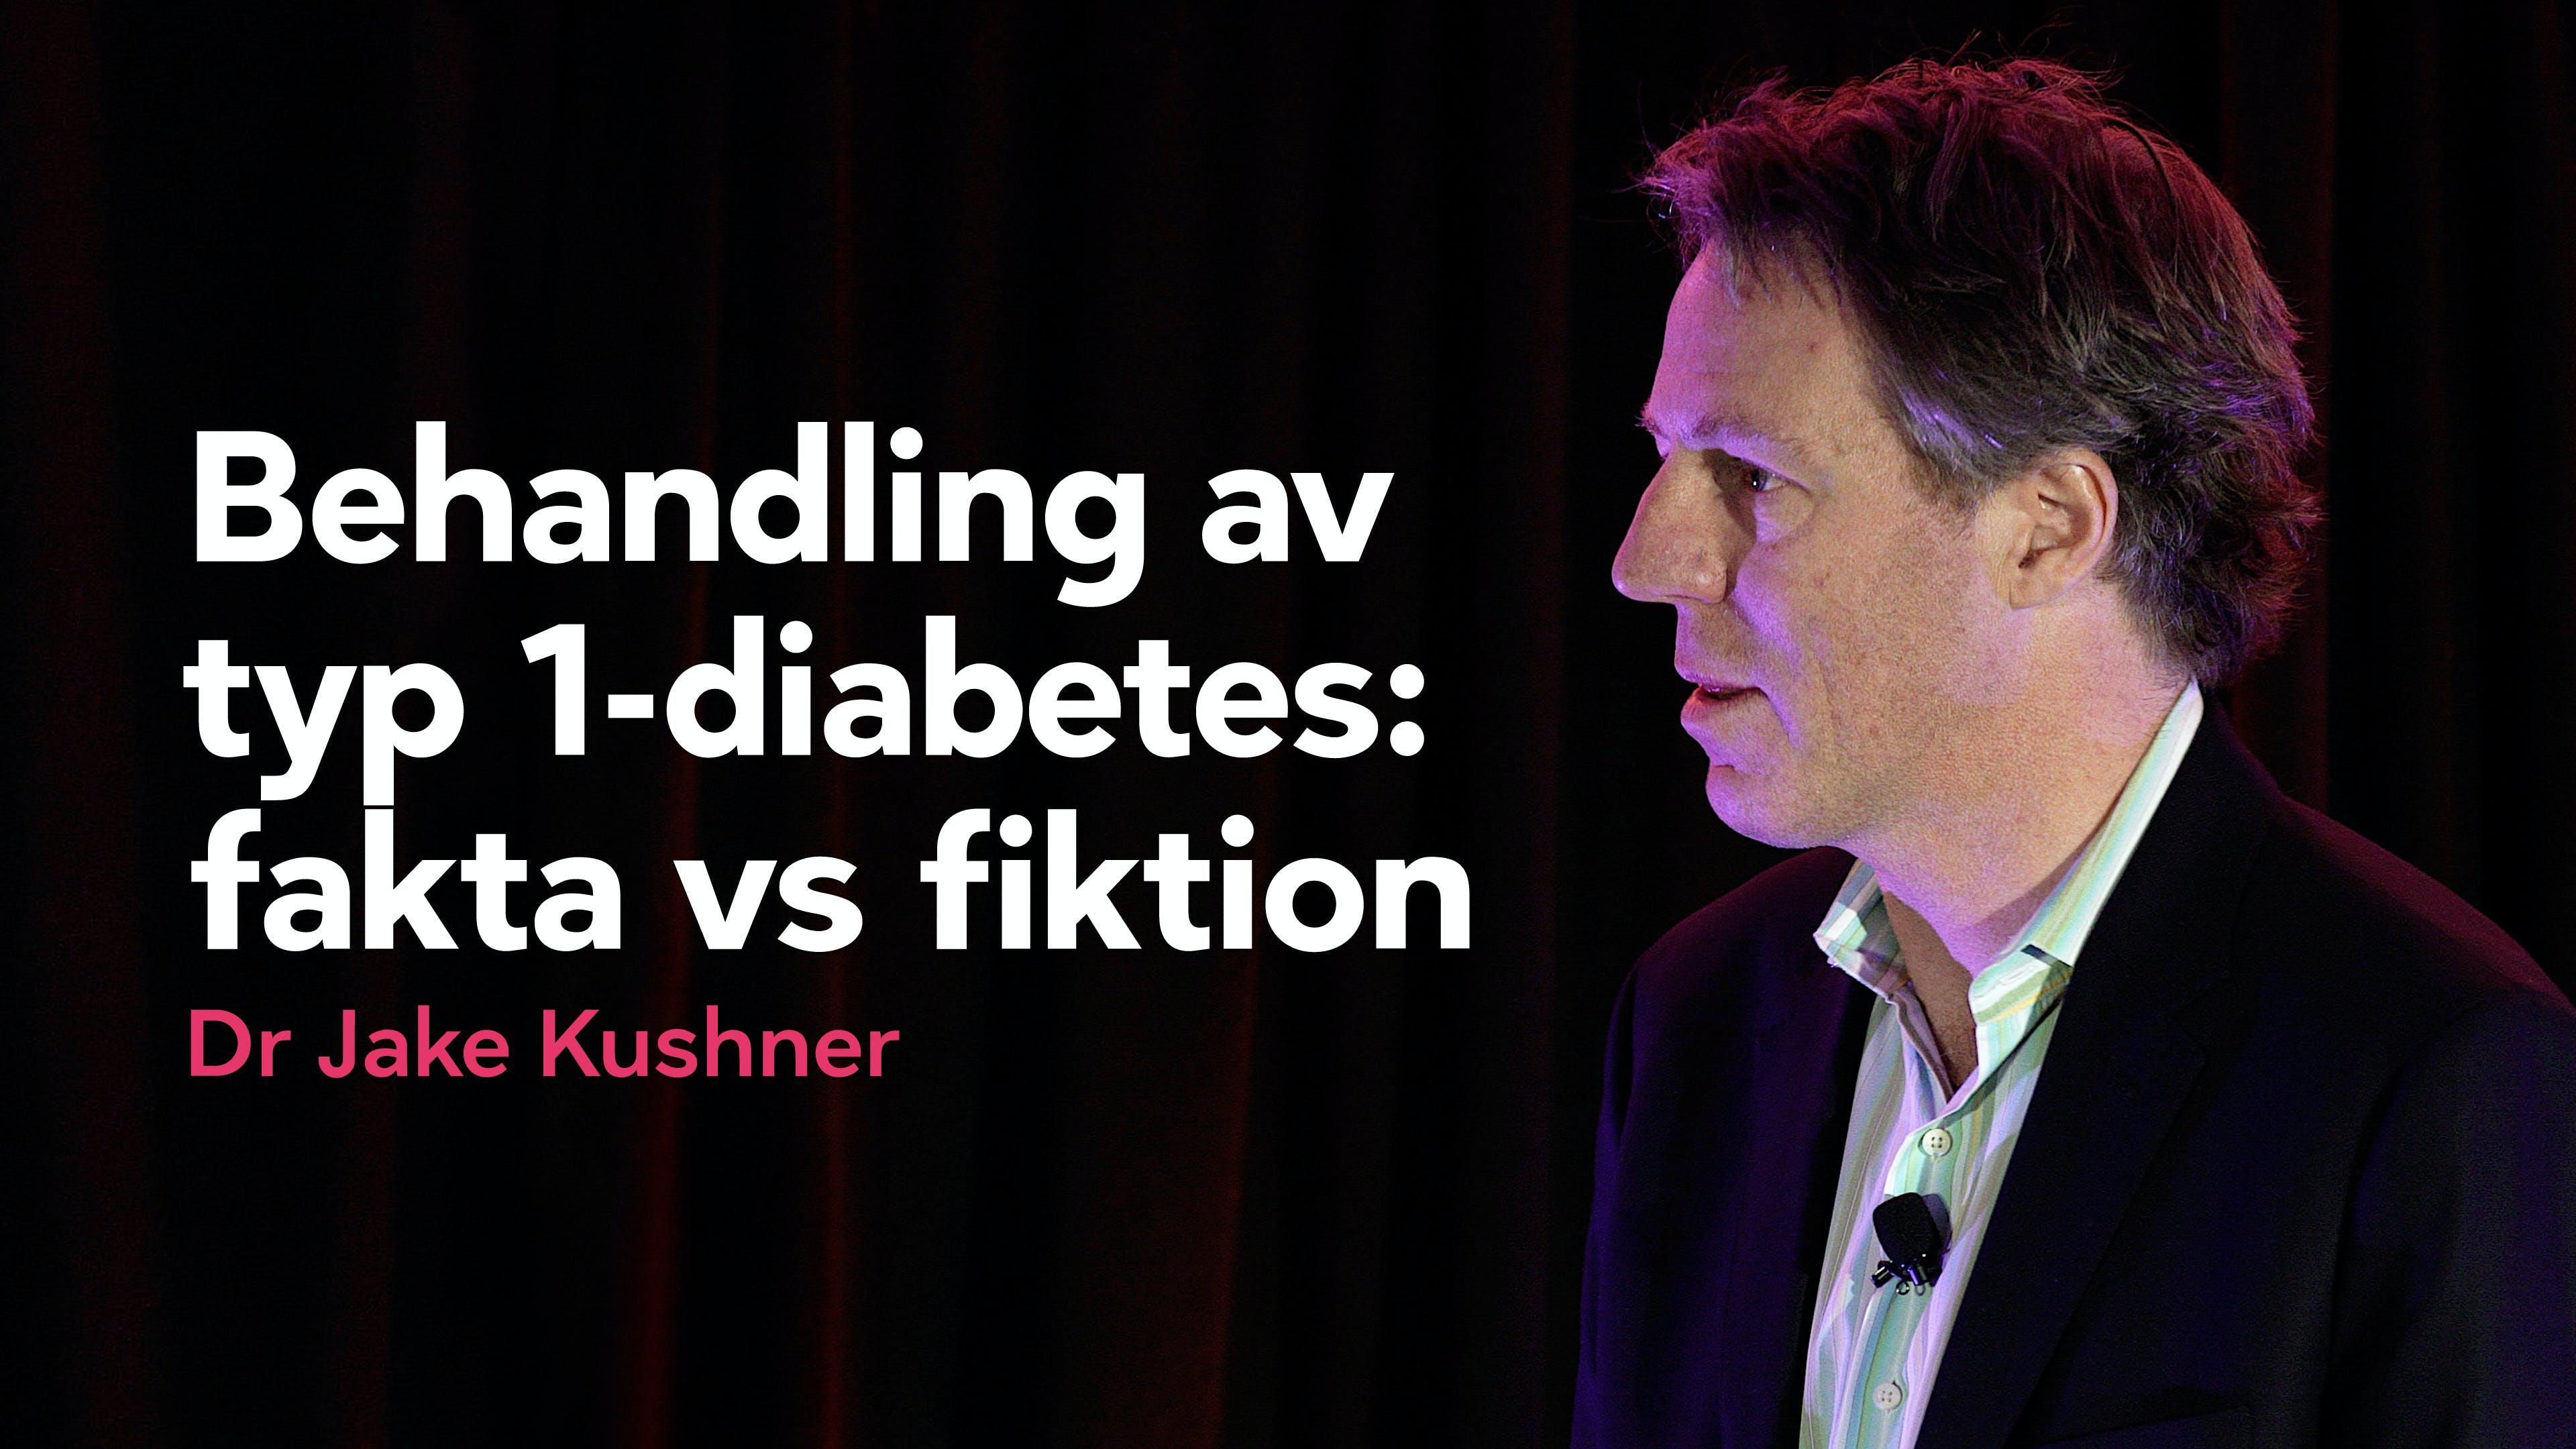 Behandling av typ 1-diabetes: fakta och fiktion